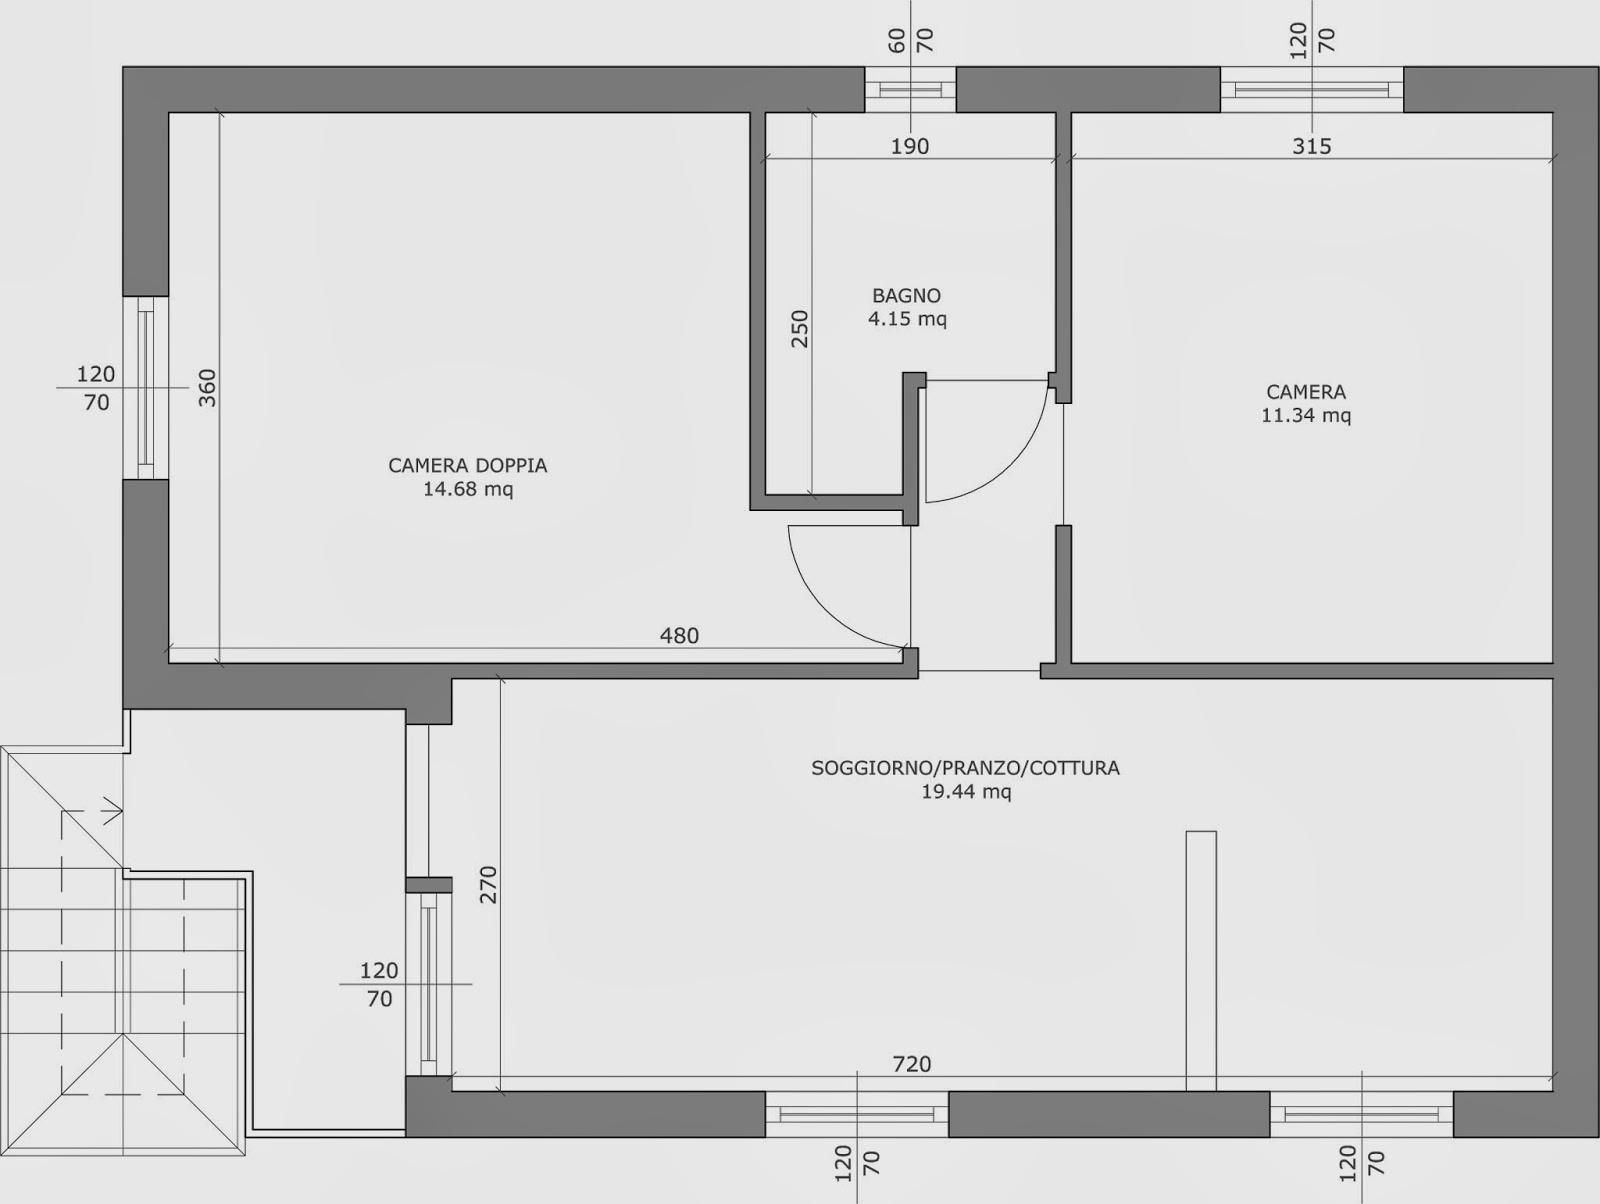 The marti 39 s loft come leggere un disegno in scala for Disegno stanza